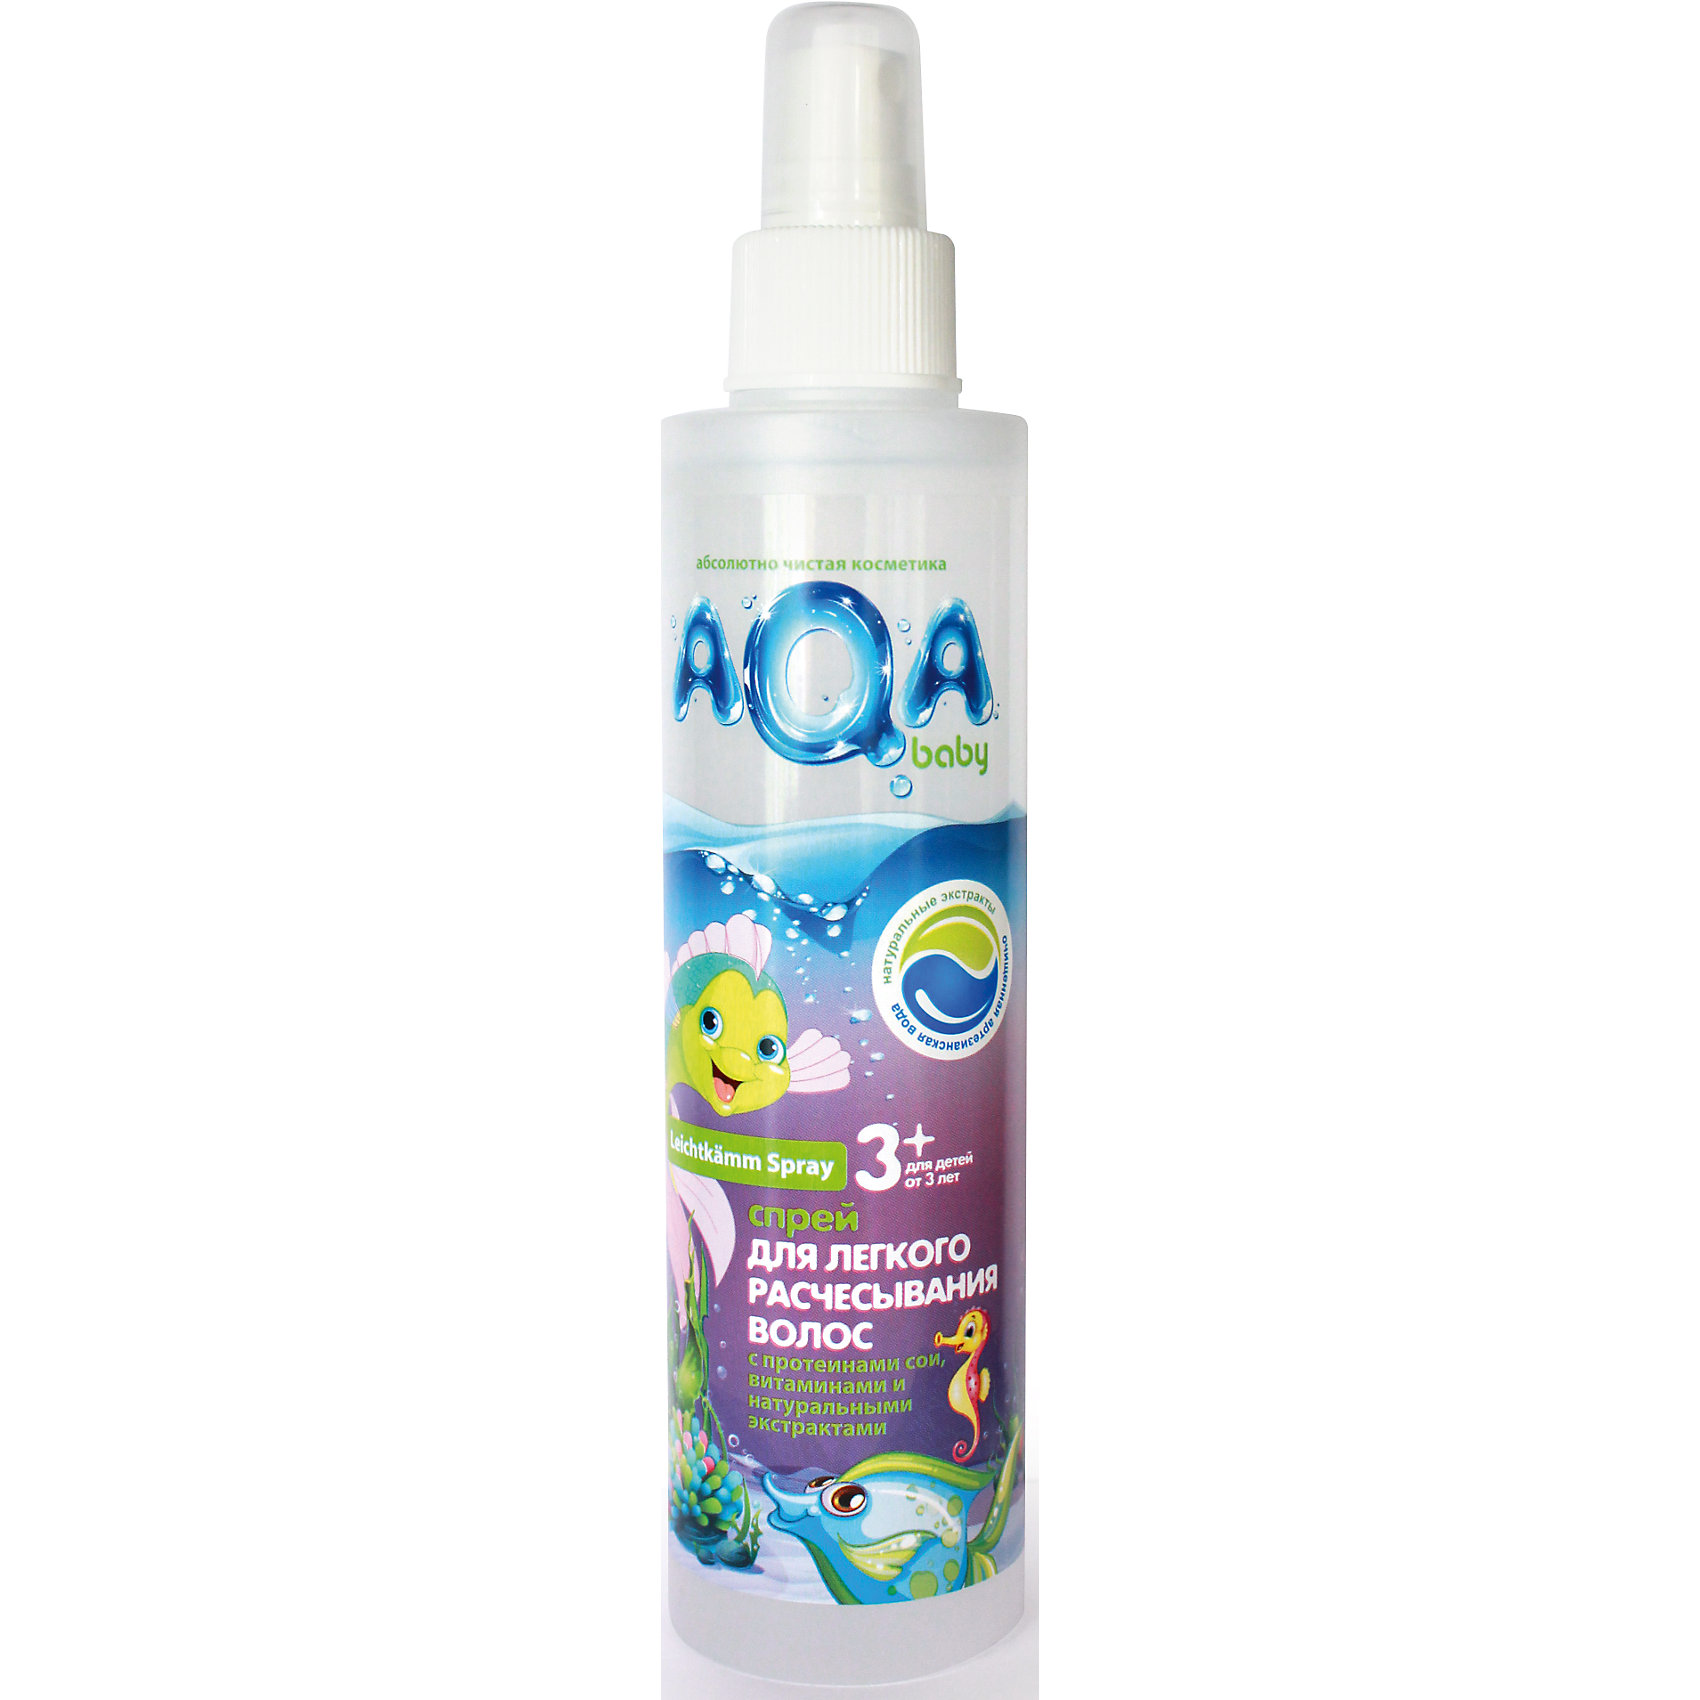 Спрей для легкого расчесывания волос KIDS 200 мл., AQA BABY